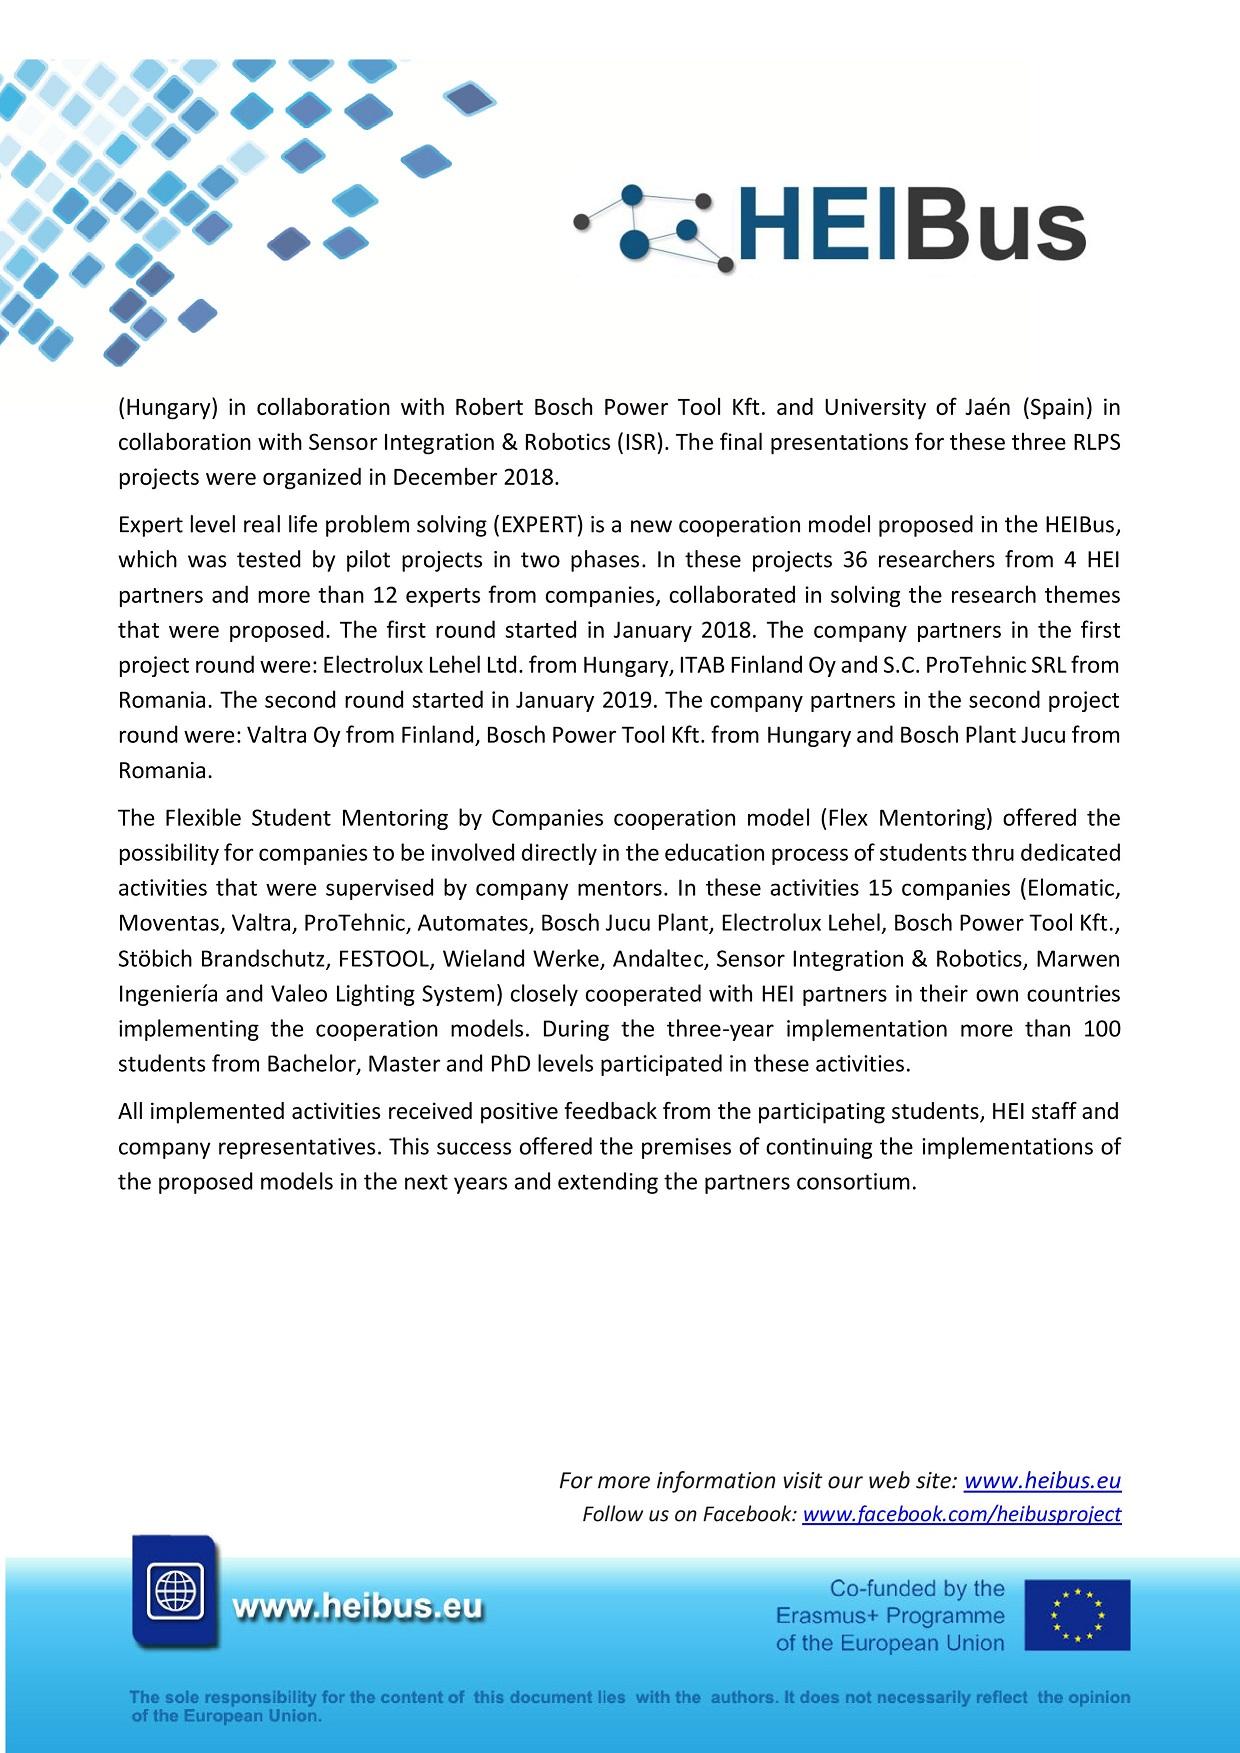 HEIBus Newsletter 7